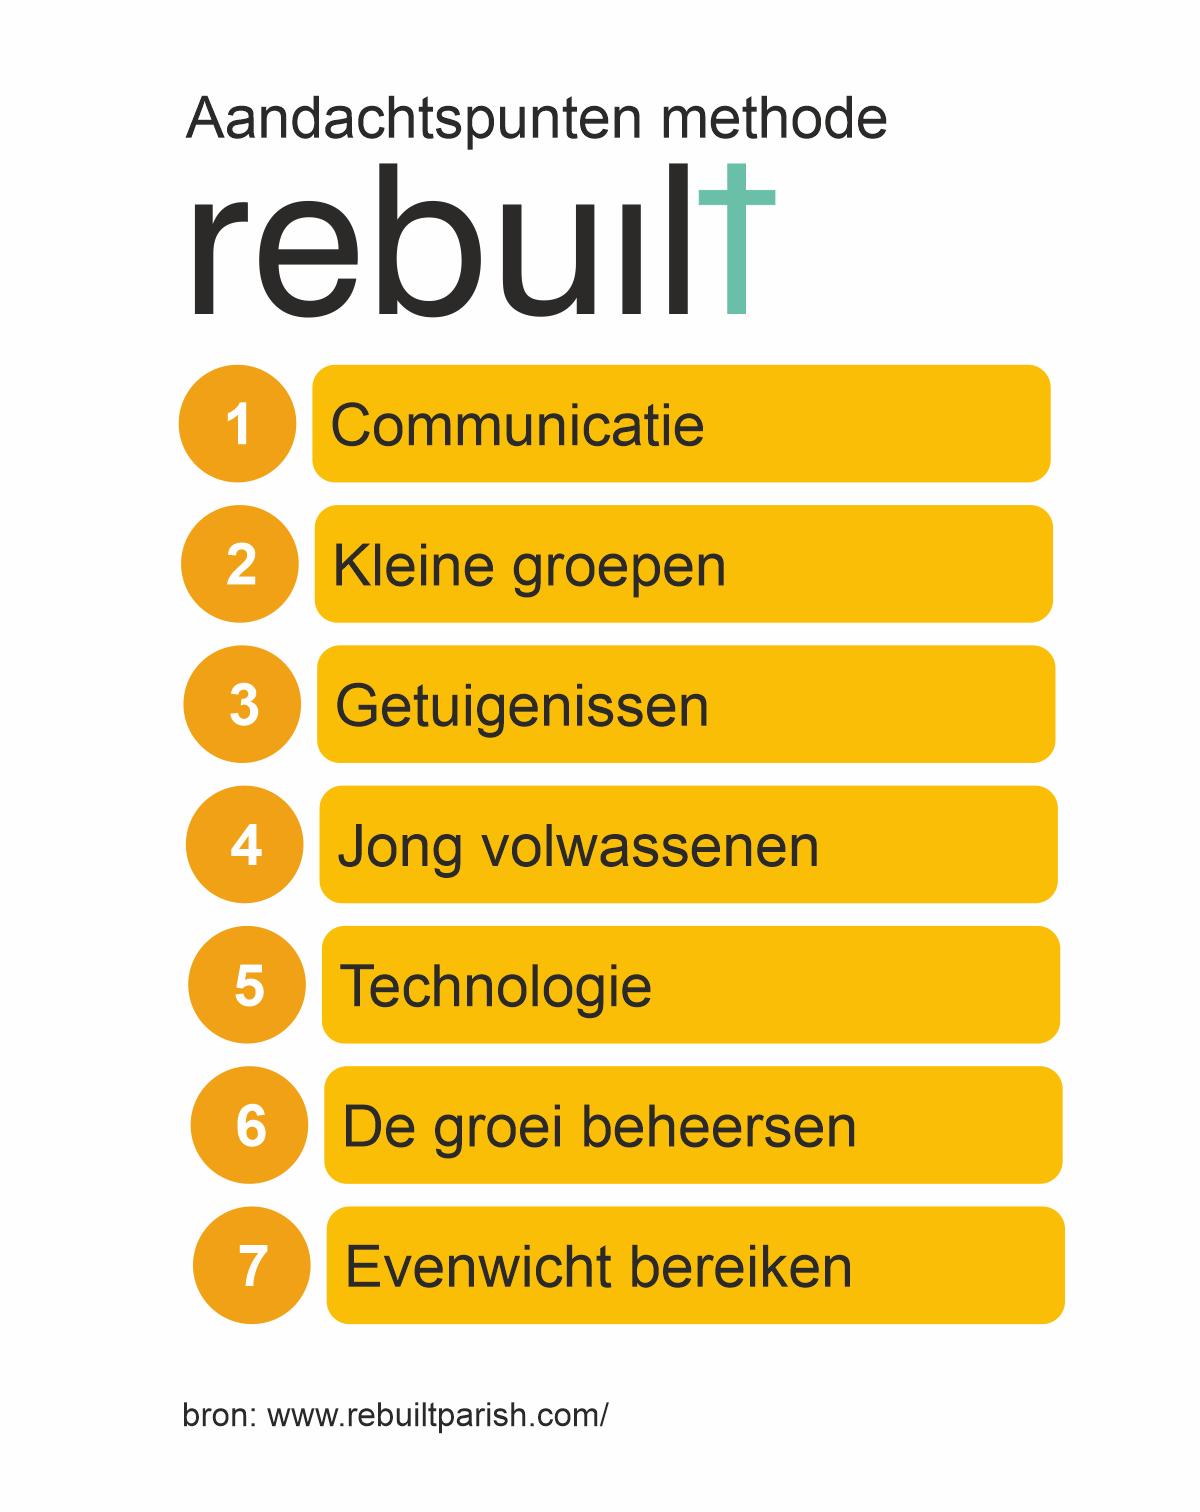 Rebuilt model